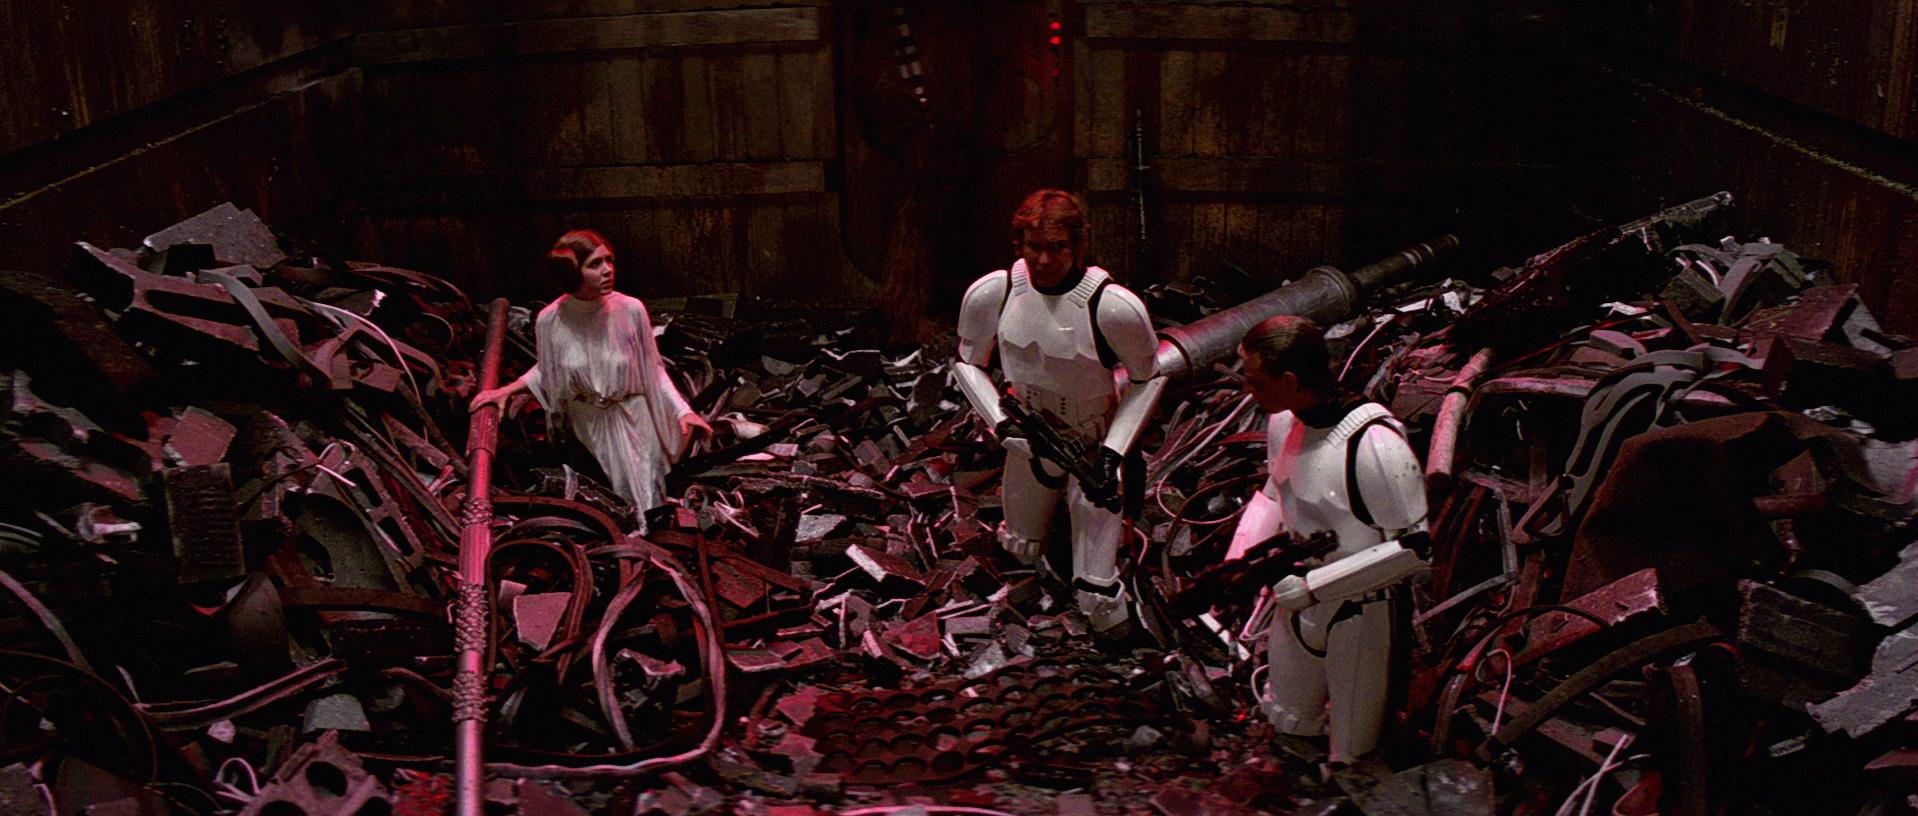 Resultado de imagem para star wars episode 4 trash compactor